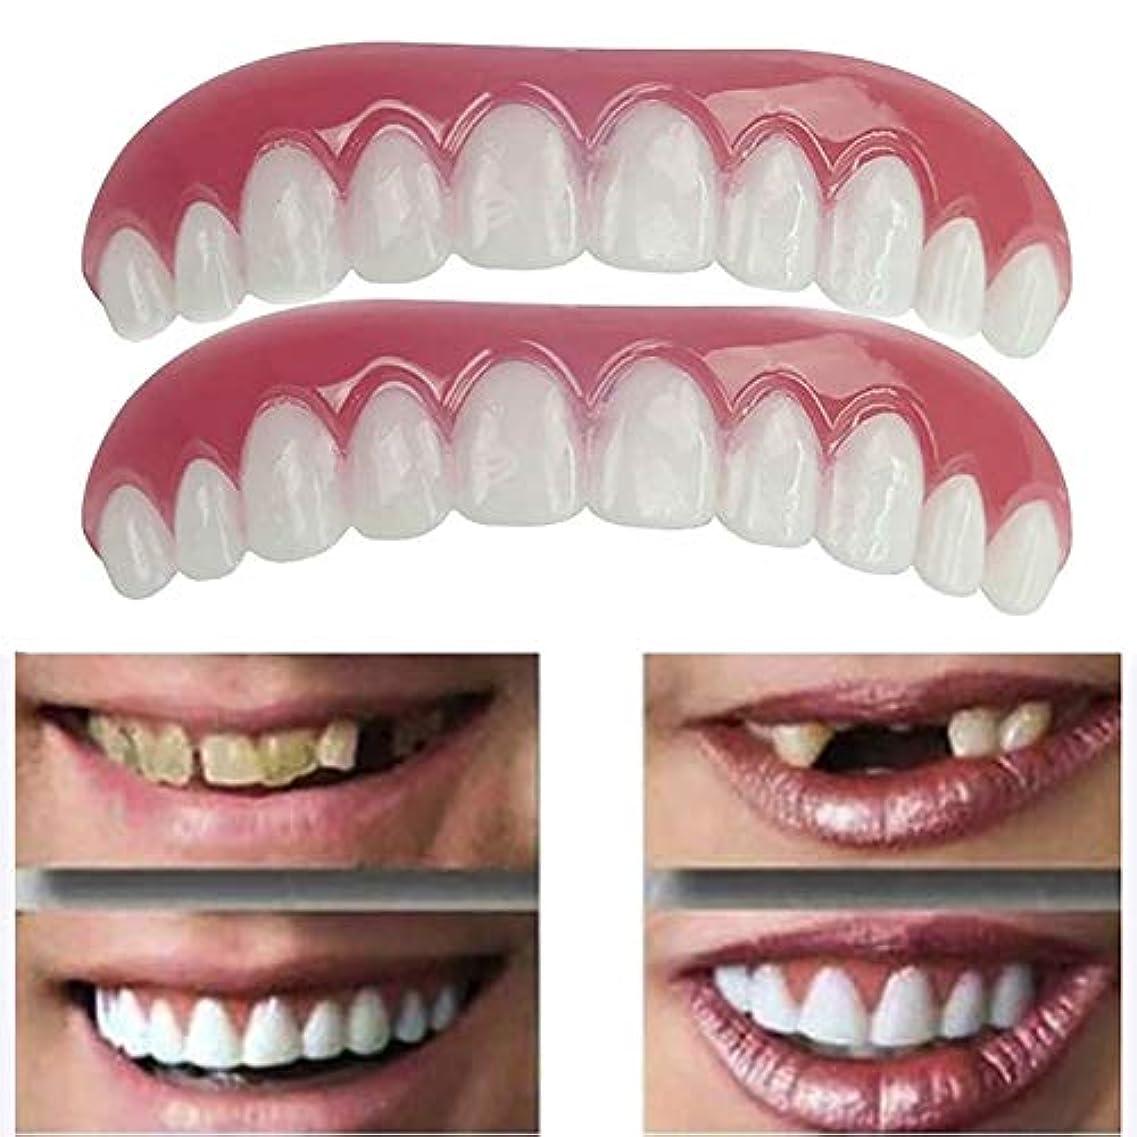 対象黒人流用する5ペア偽の歯上偽の歯のカバー安全なインスタント笑顔化粧品ノベルティ歯 - ワンサイズ最もフィット